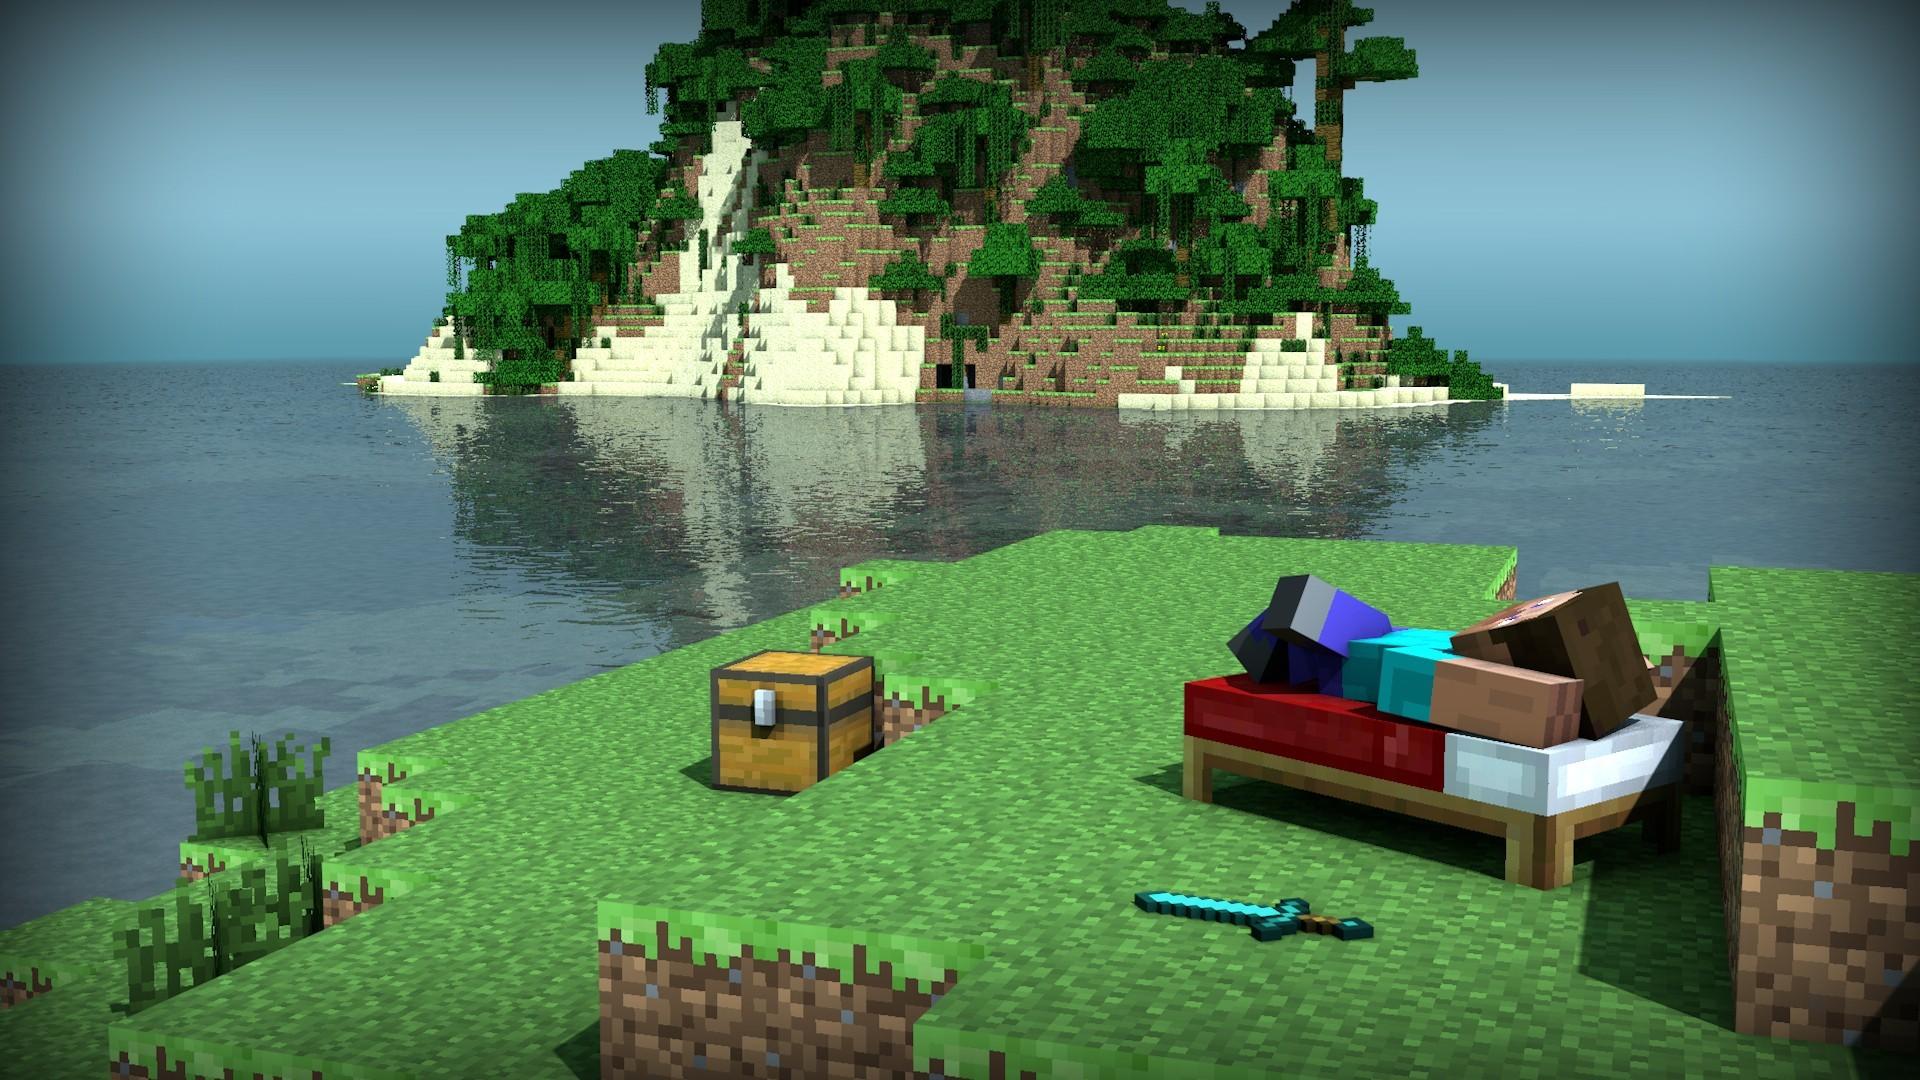 Minecraft Background Hd Wallpapertag